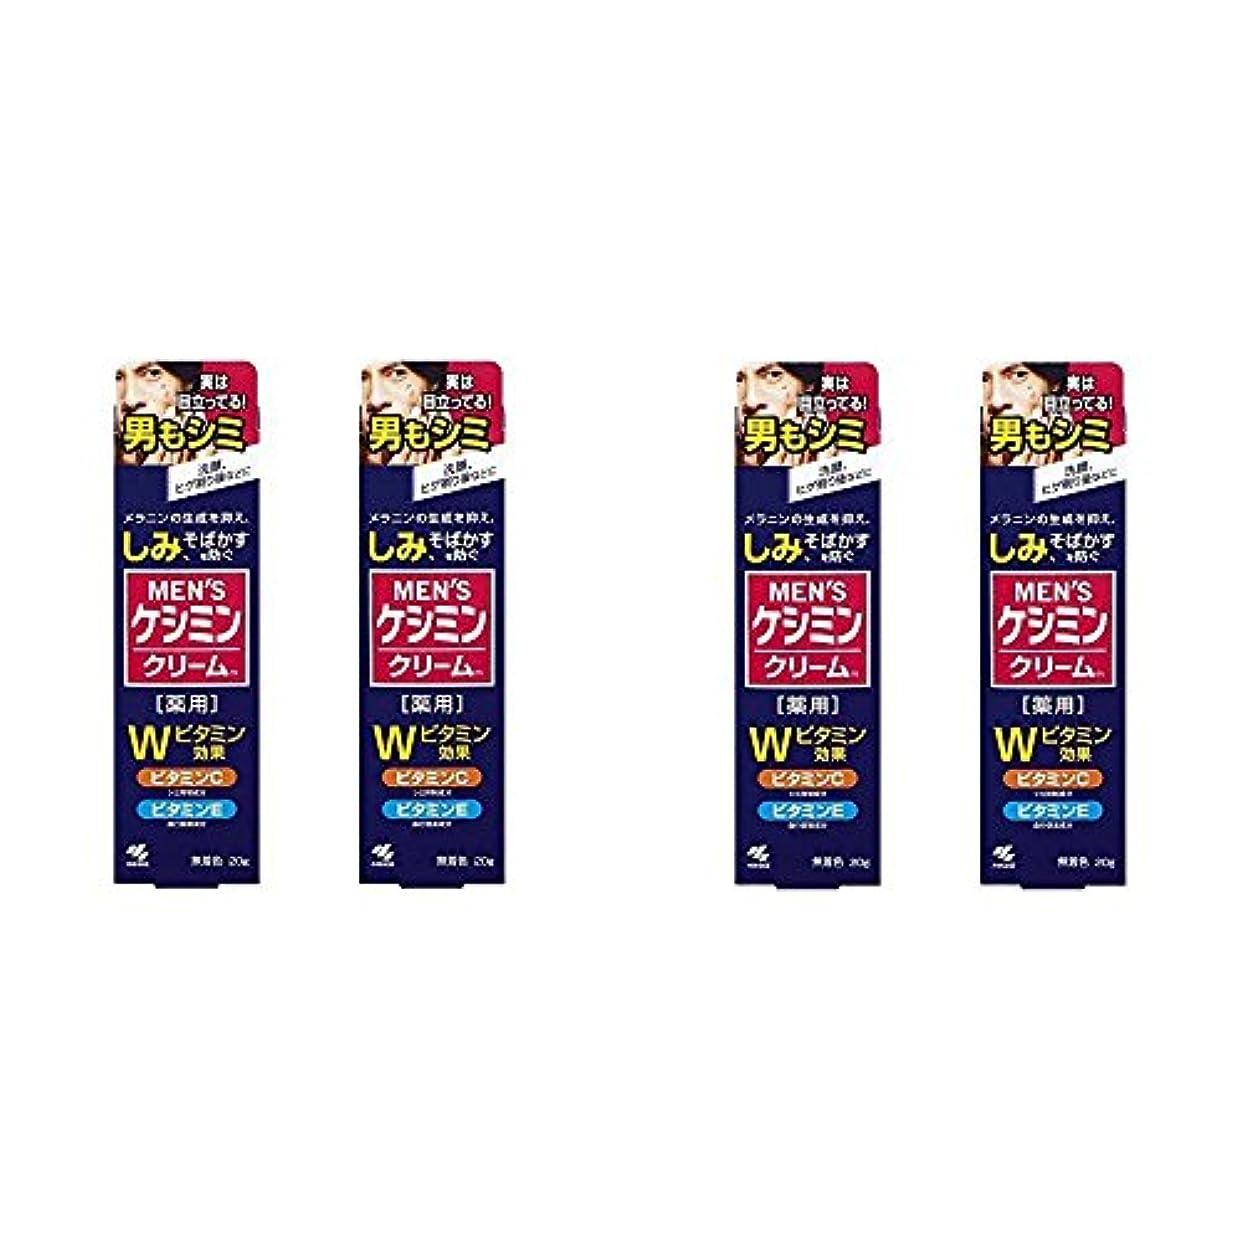 驚いた貼り直すセッション【セット品】メンズケシミンクリーム 男のシミ対策 20g (4個)